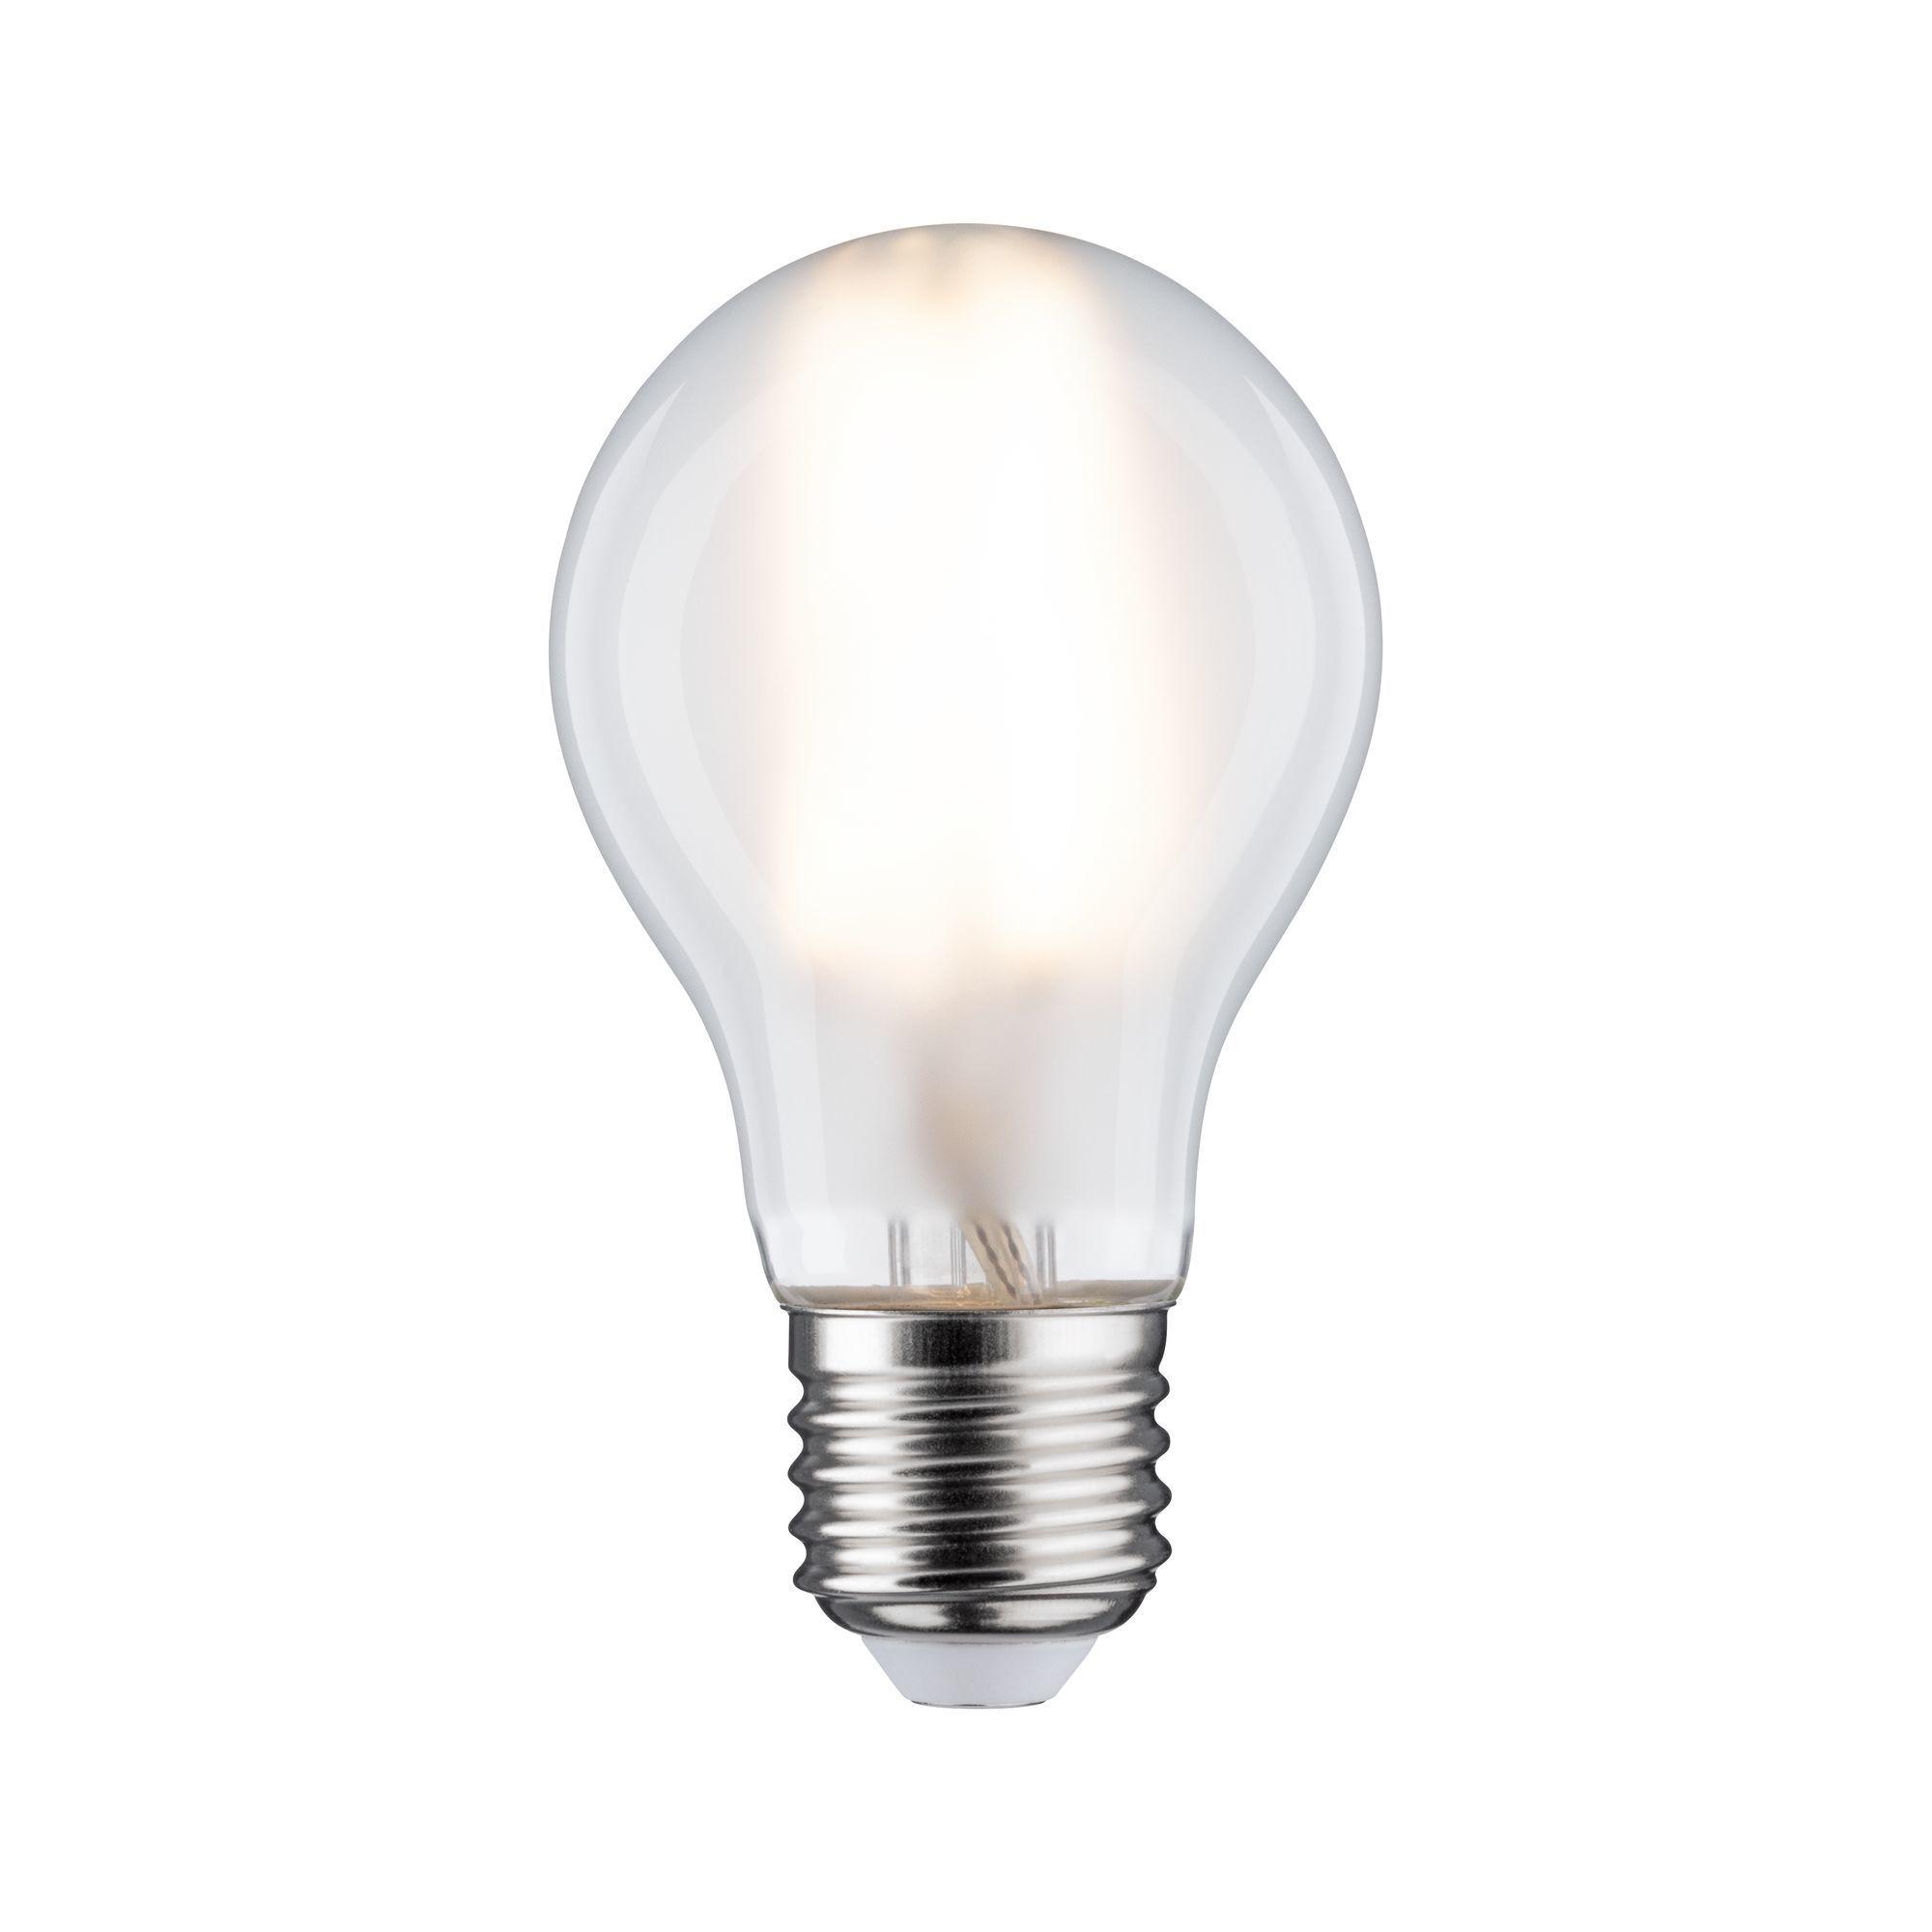 Paulmann LED Fil AGL 1055lm E27 2700K matt dim 9W 230V (28622)